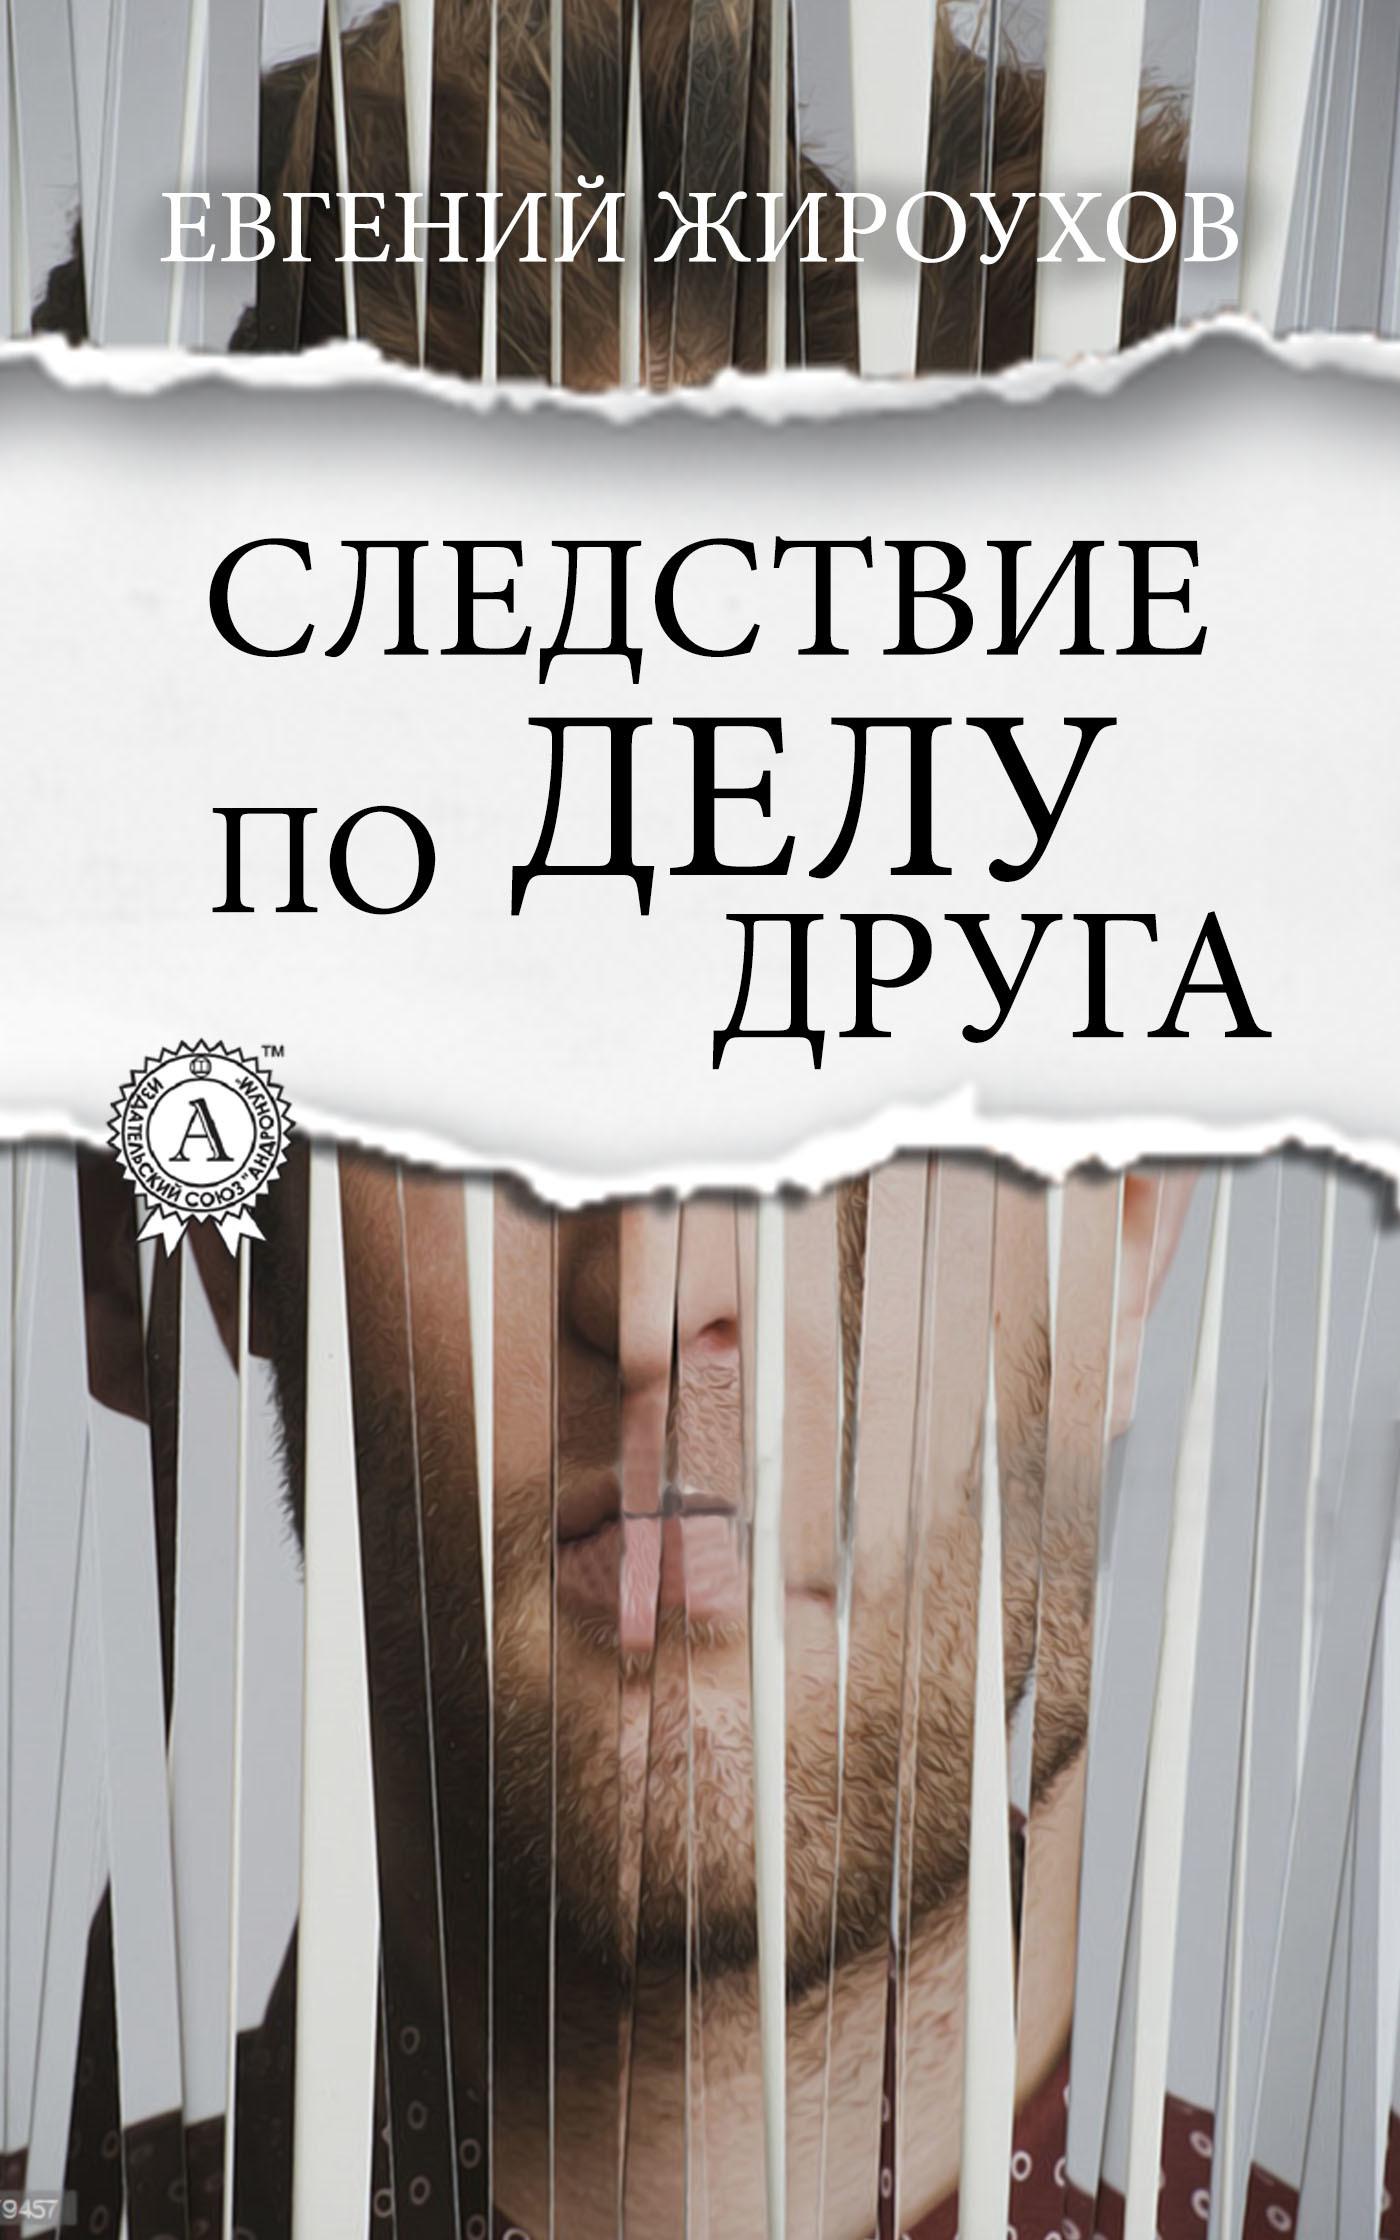 Евгений Жироухов - Следствие по делу друга